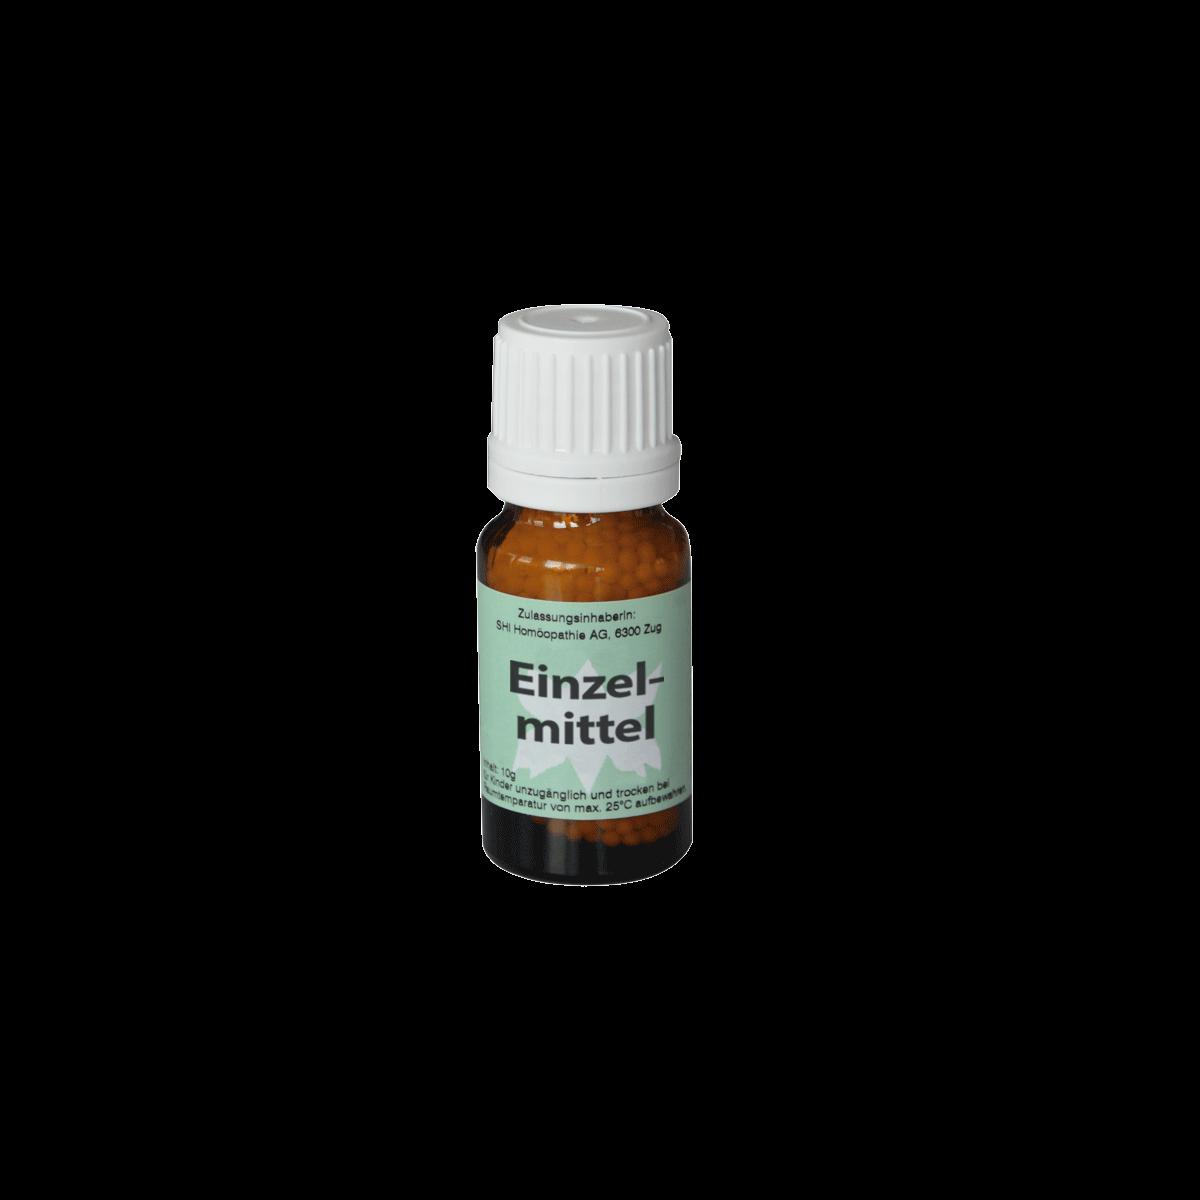 Indium metallicum